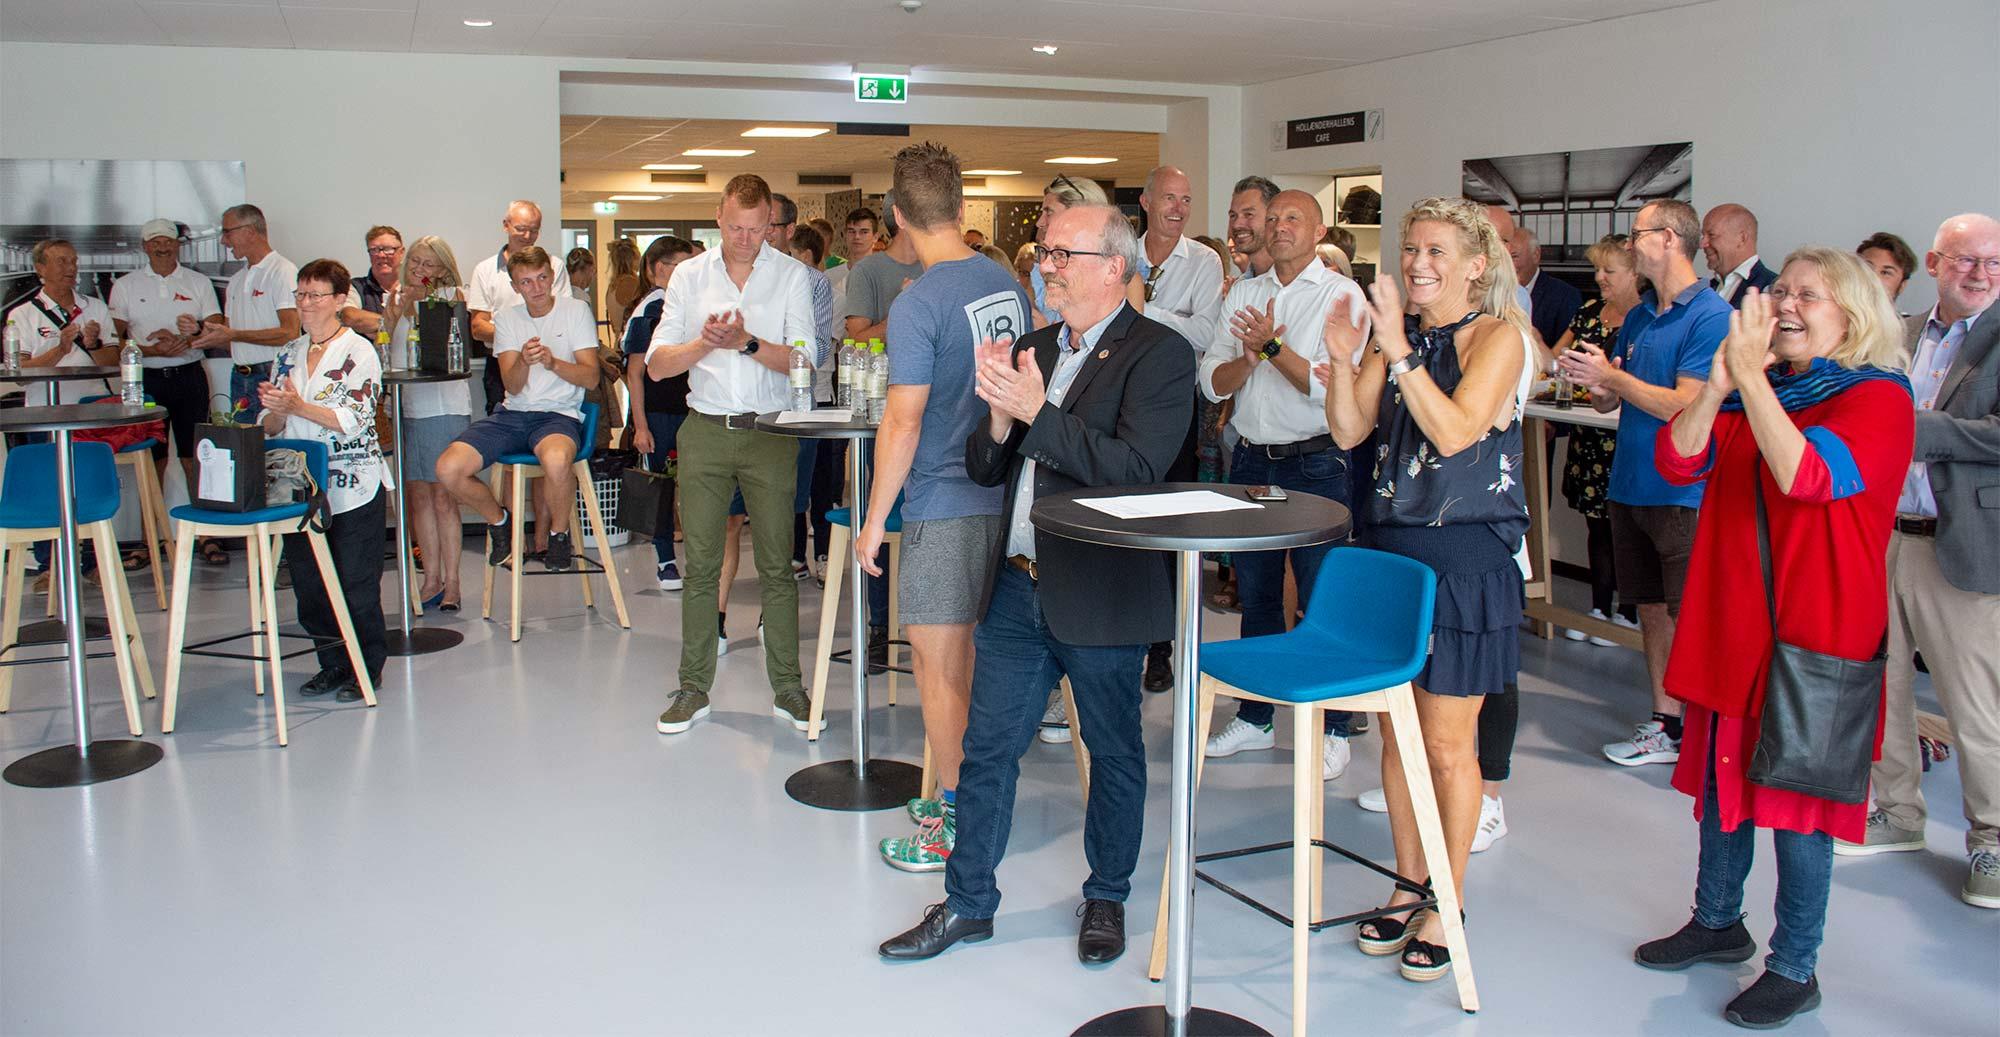 Mange var mødt op for at hylde prismodtagerne. Foto: Hans Jacob Sørensen.